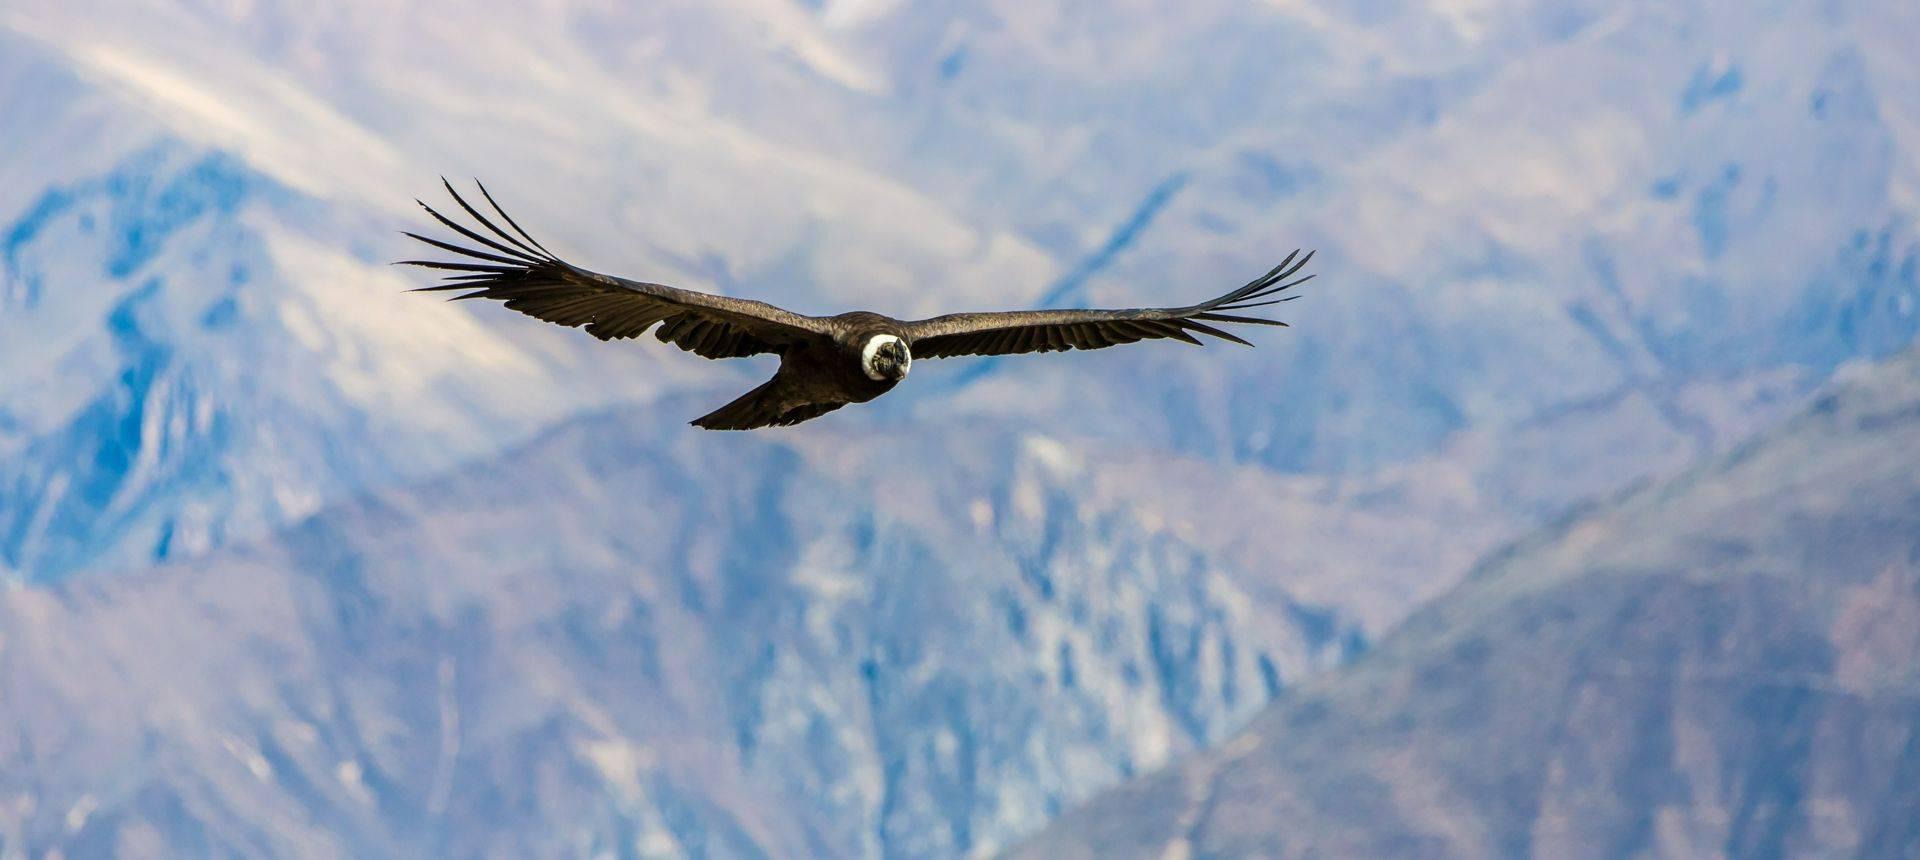 Andean Condor, Colca Canyon, Peru Shutterstock 167236631